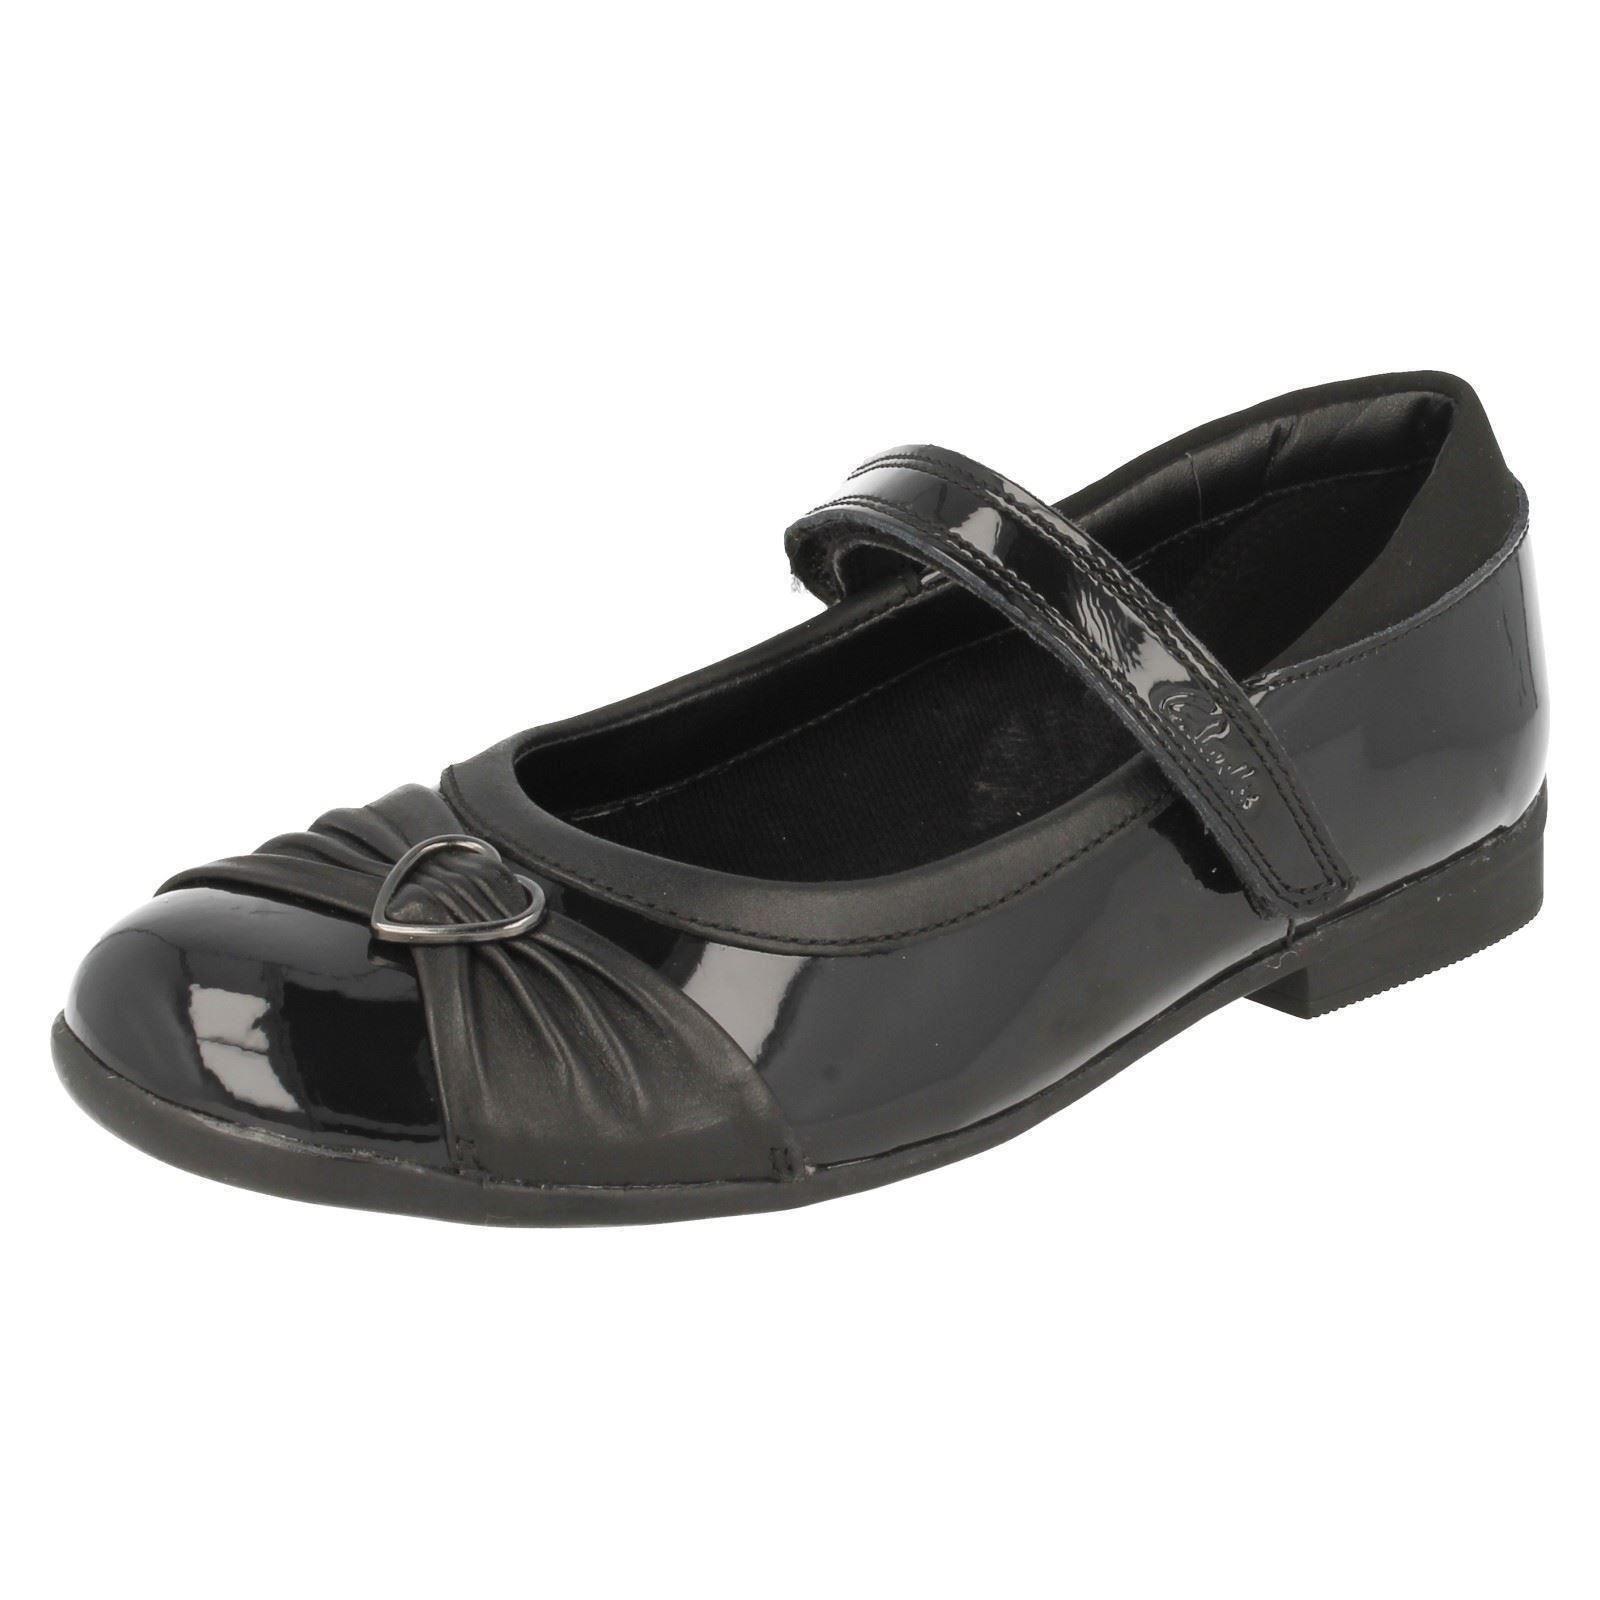 Filles Clarks Dolly Chérie Cuir Noir Ou Verni Chaussures D'école PkLSQxP8Q